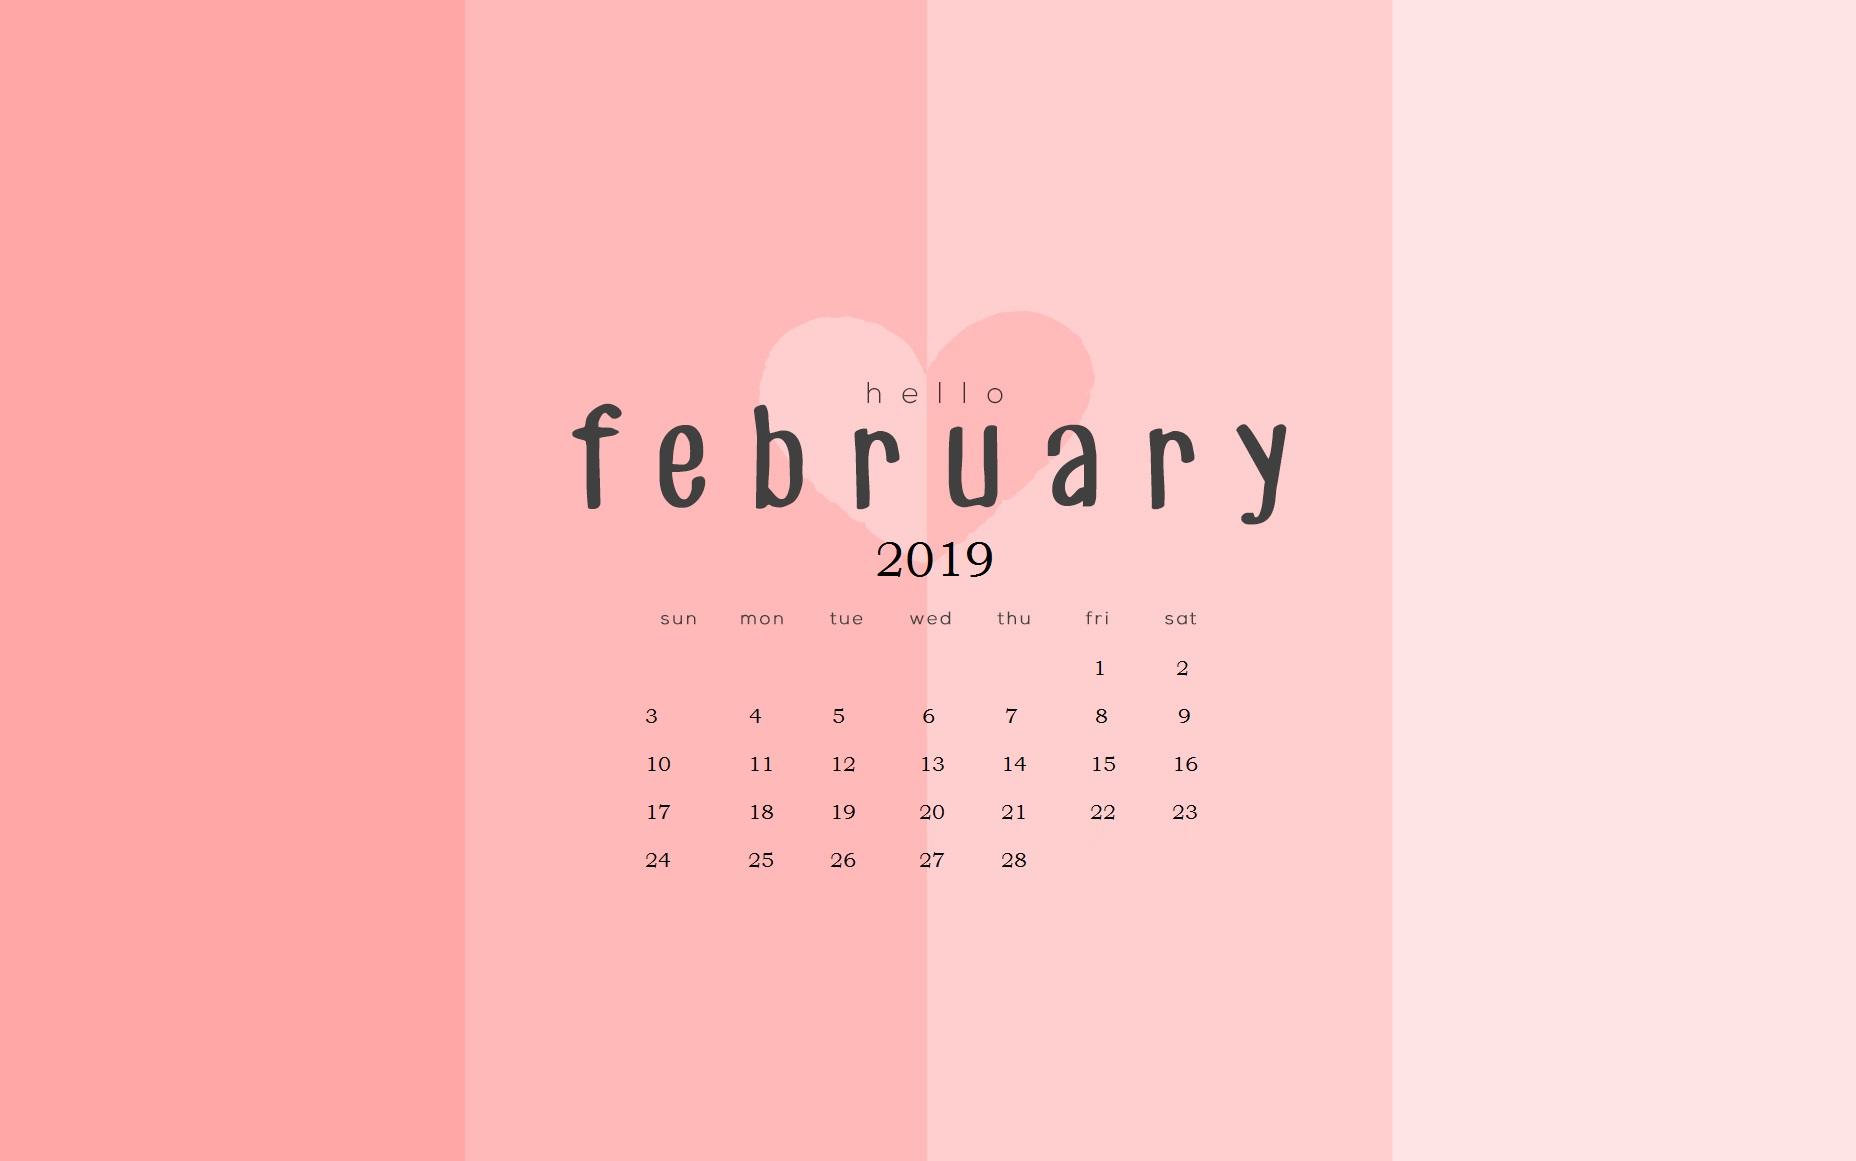 February 2019 Calendar Wallpapers Calendar 2019 1856x1161